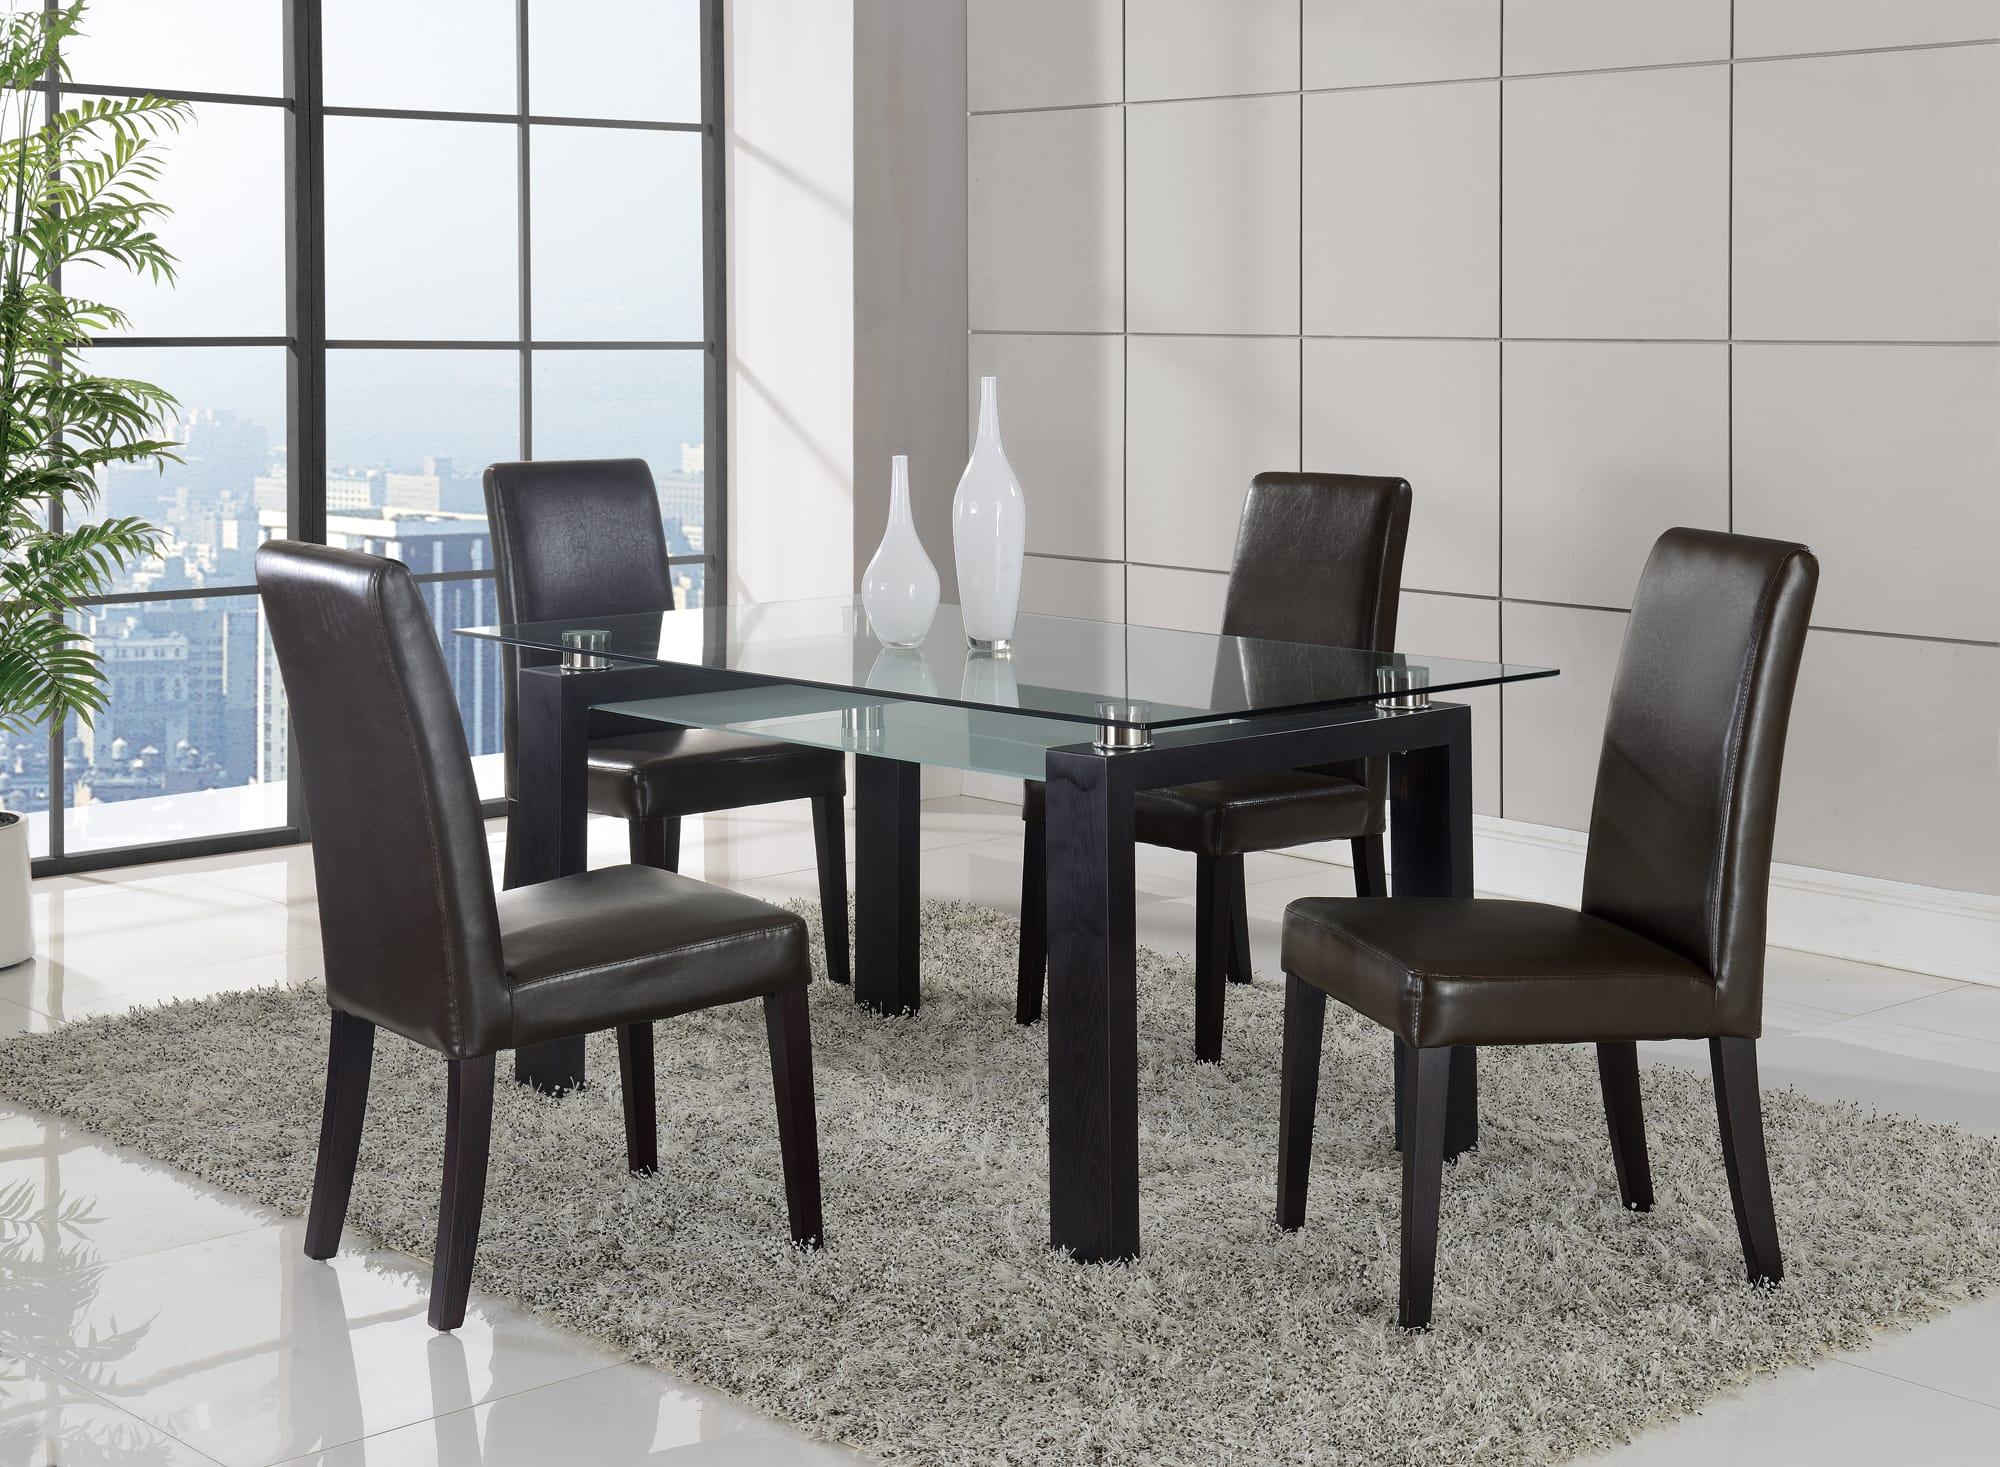 dining table d646dt black walnut by global furniture. Black Bedroom Furniture Sets. Home Design Ideas